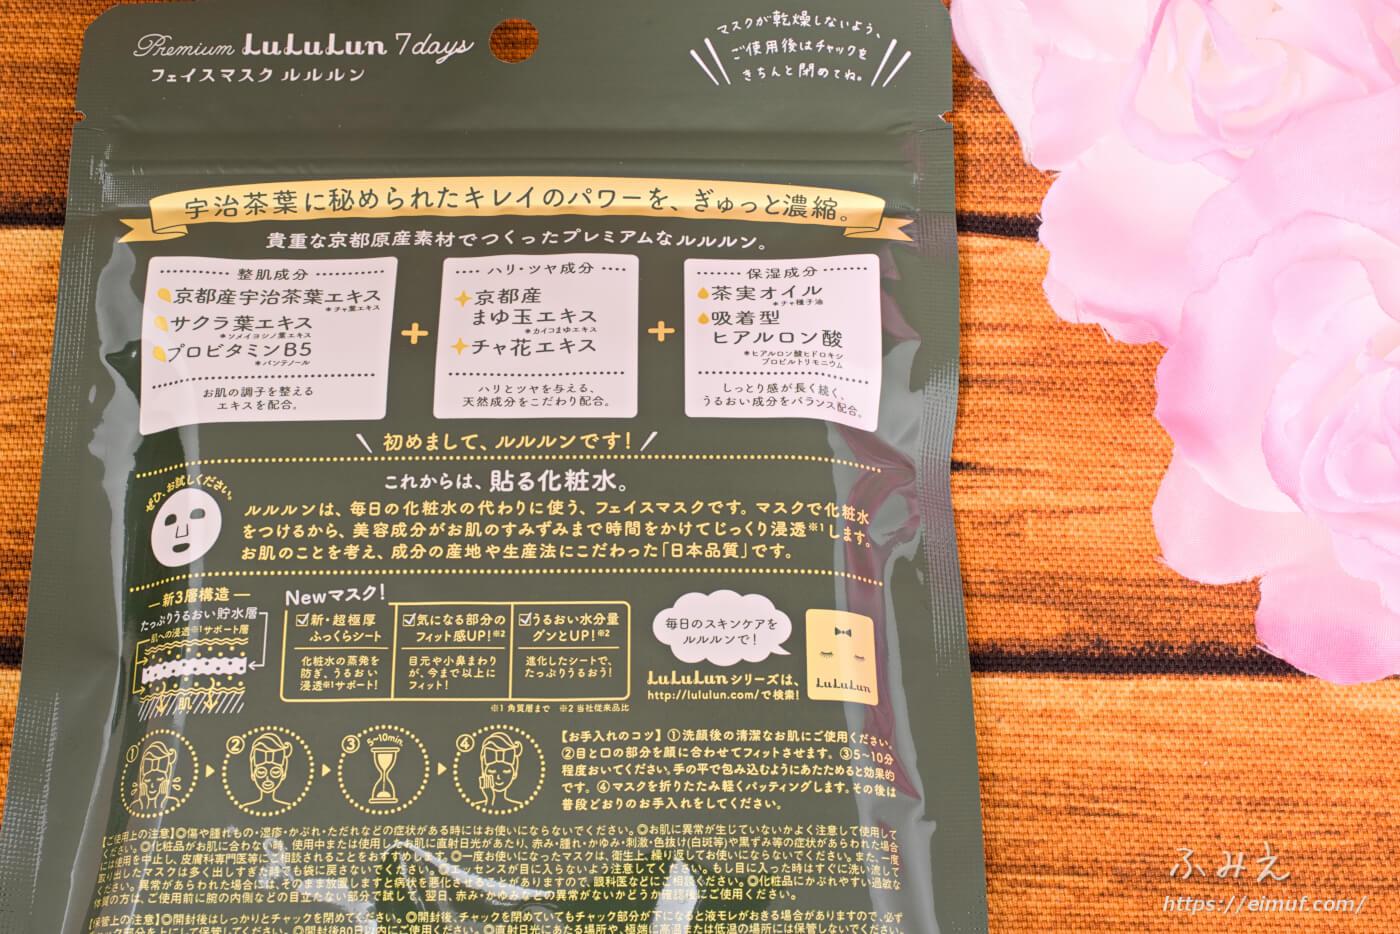 ルルルン 京都のプレミアムルルルン(お茶の花の香り)7枚入りのパッケージ裏面